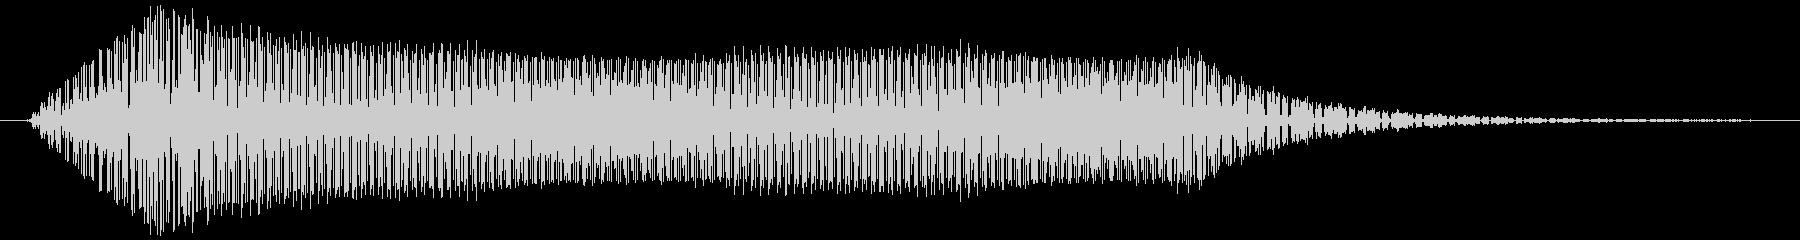 ギュォーン。ロボット・機械動作音(長め)の未再生の波形